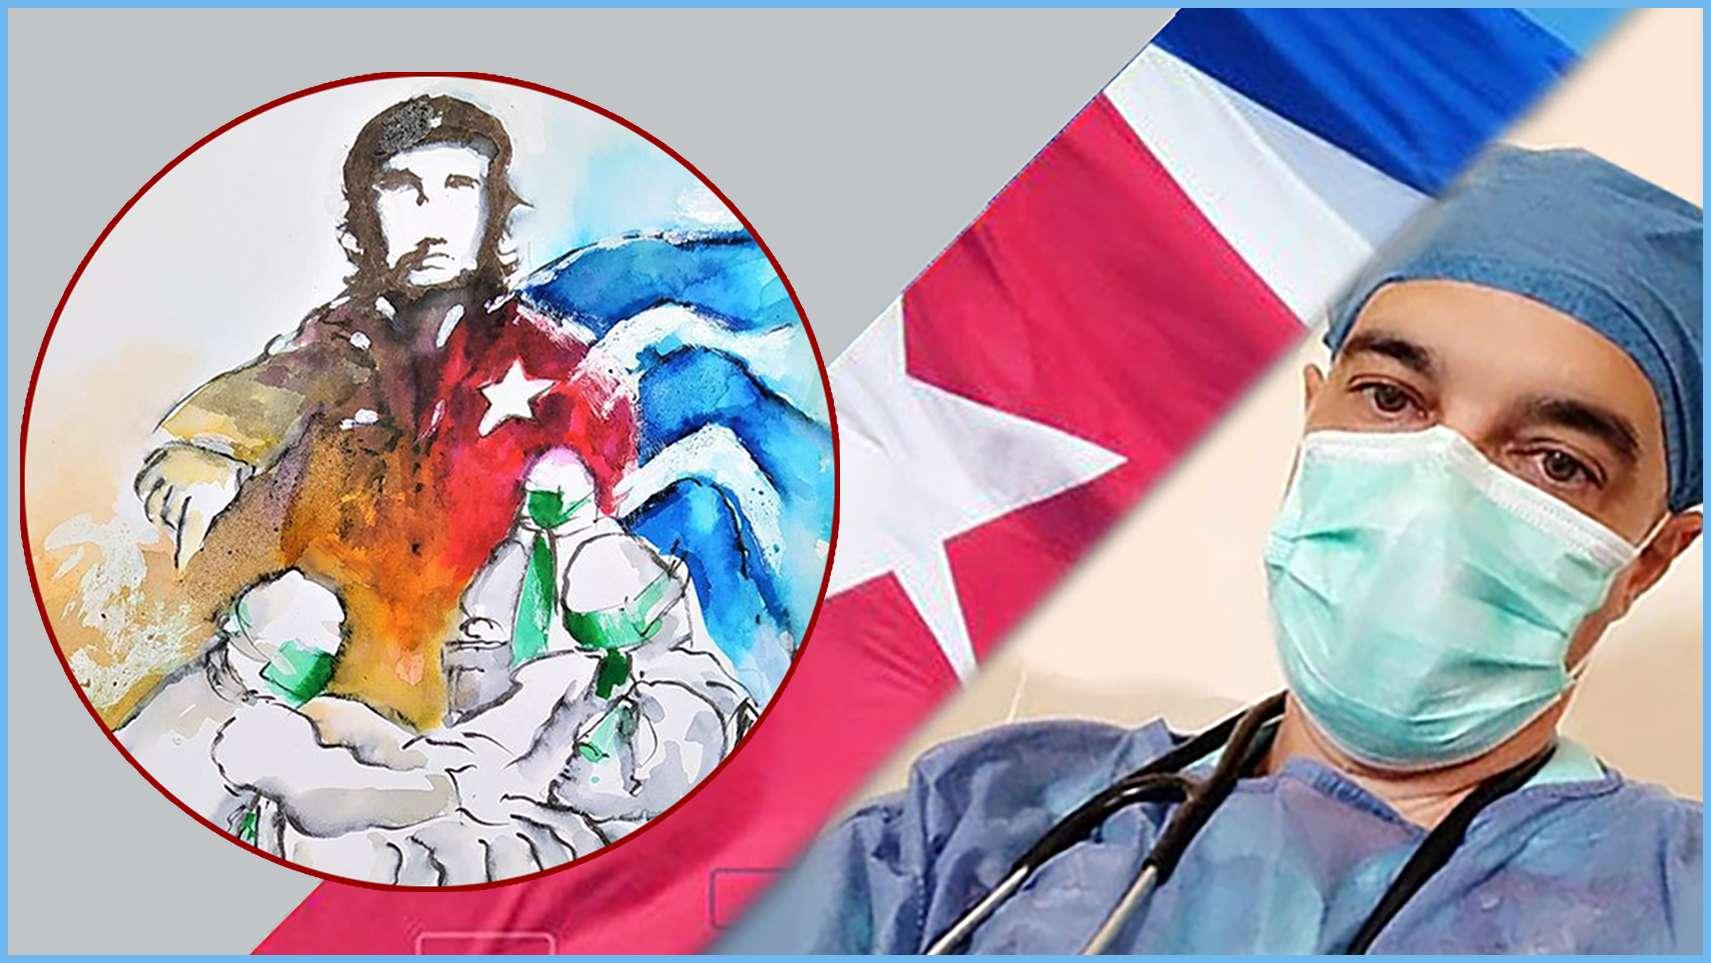 ΚΝΕ: Να δοθεί το Νόμπελ Ειρήνης στην ιατρική ταξιαρχία «Henry Reeve» της Κούβας